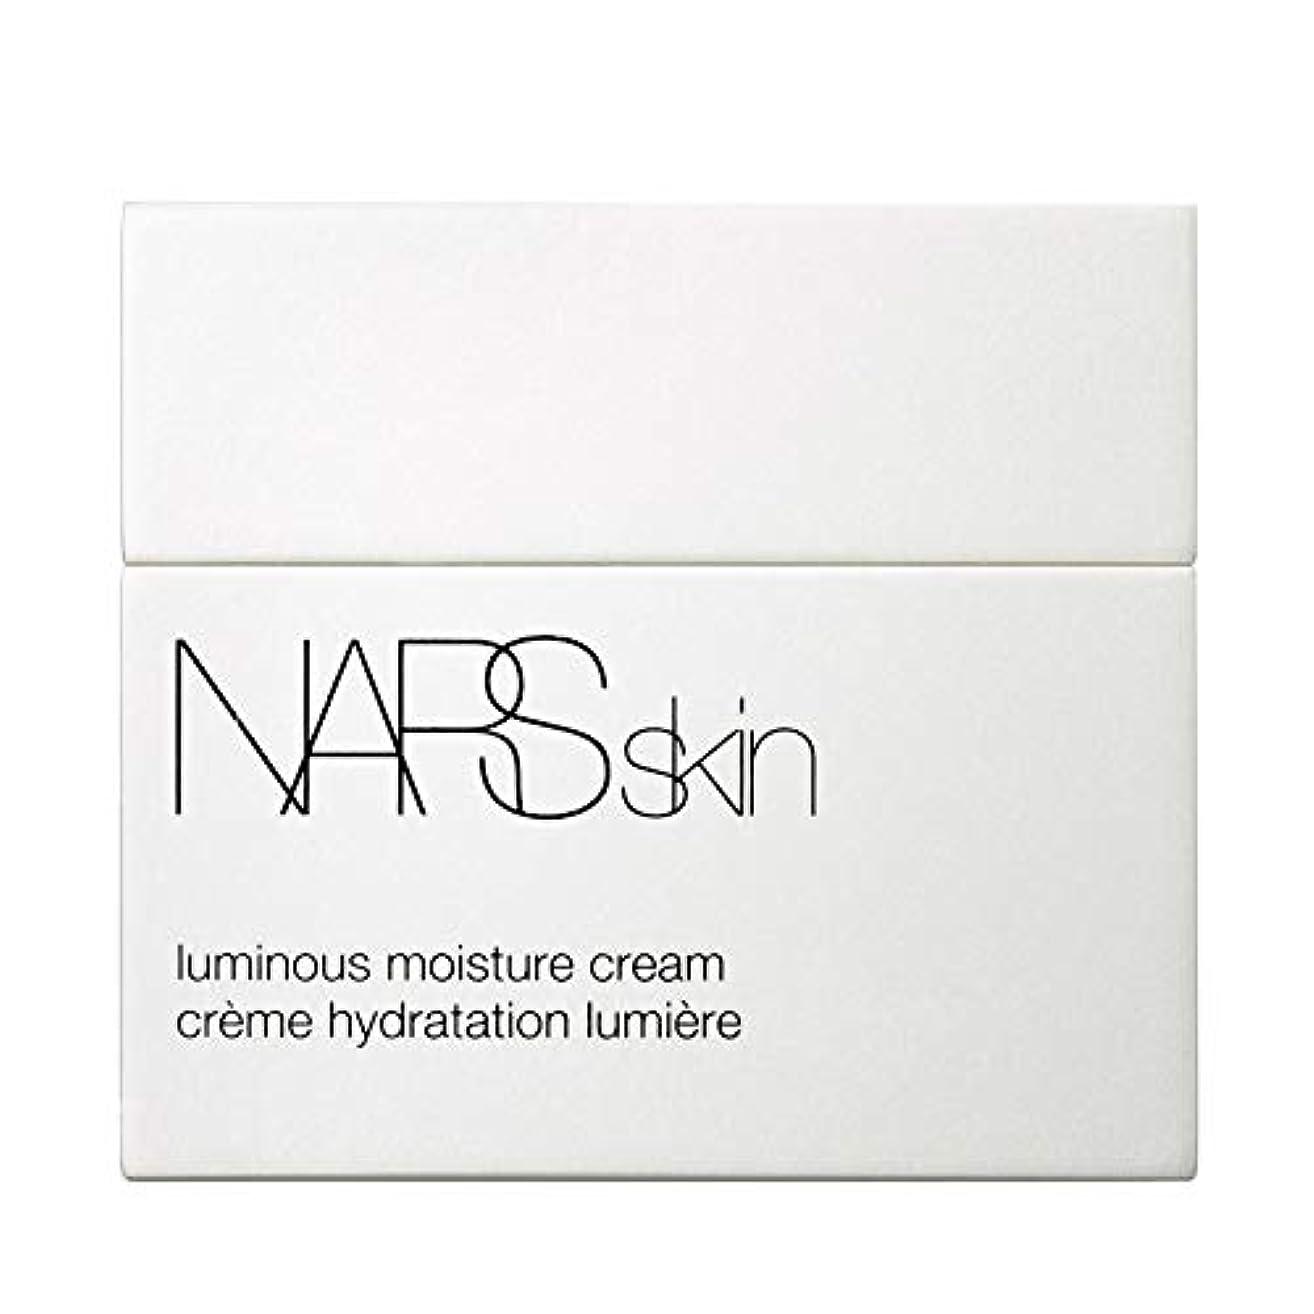 破壊する置き場第四[NARS] Narは発光水分クリーム - Nars Luminous Moisture Cream [並行輸入品]